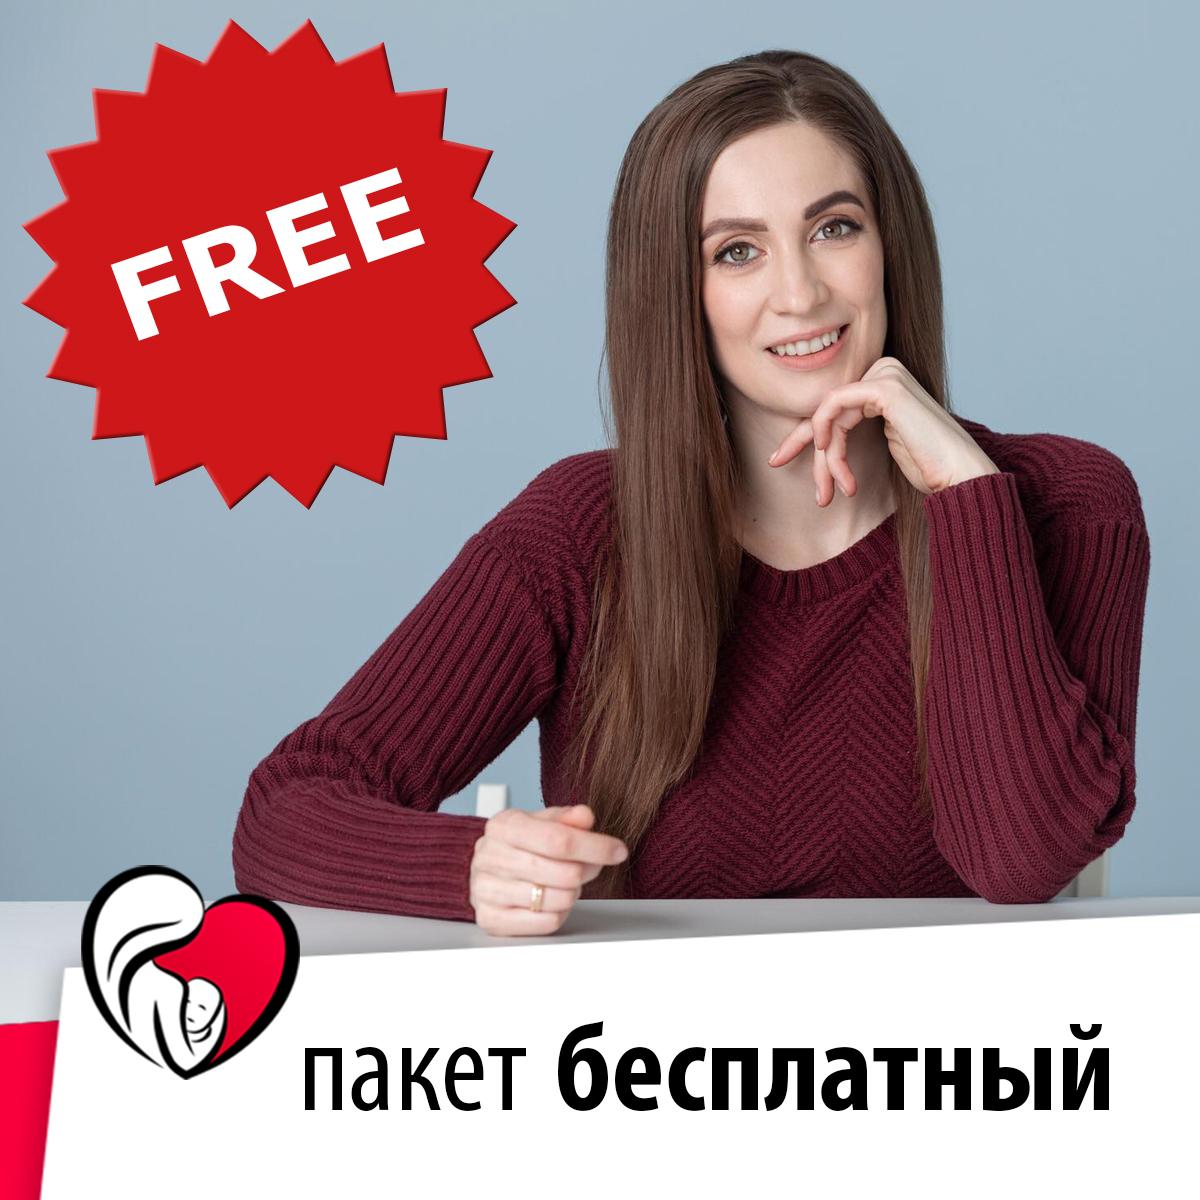 БЕСПЛАТНАЯ онлайн консультация 15 мин.